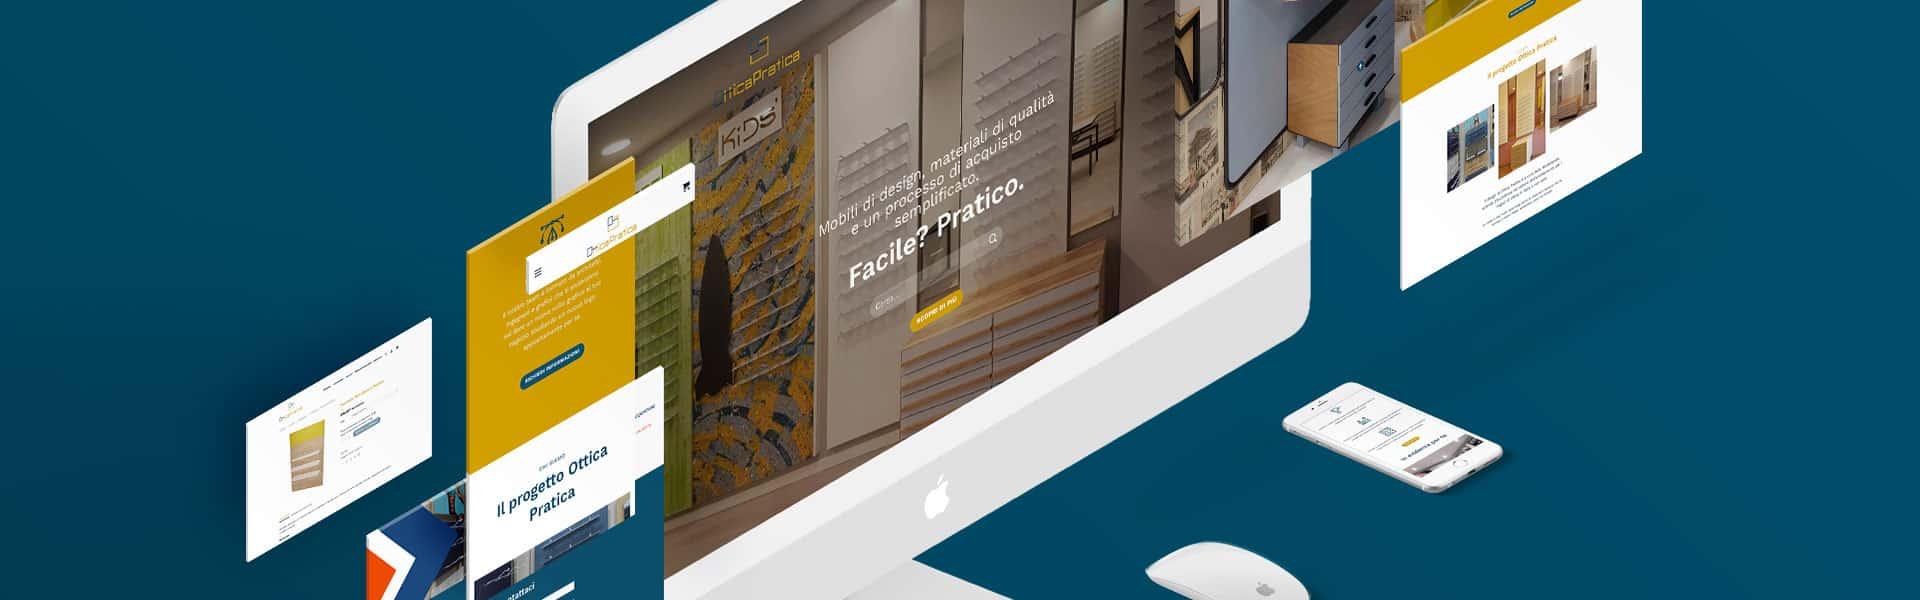 Ottica Pratica - E-commerce 1